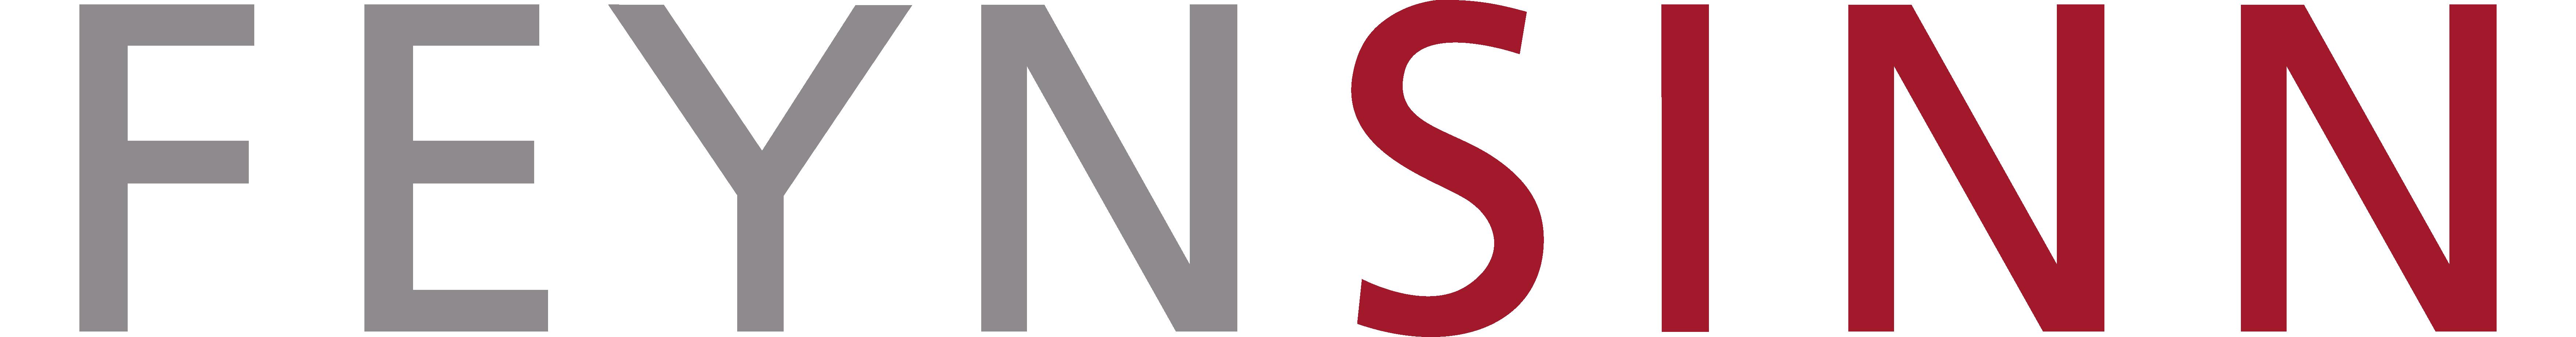 Feinsinn logo